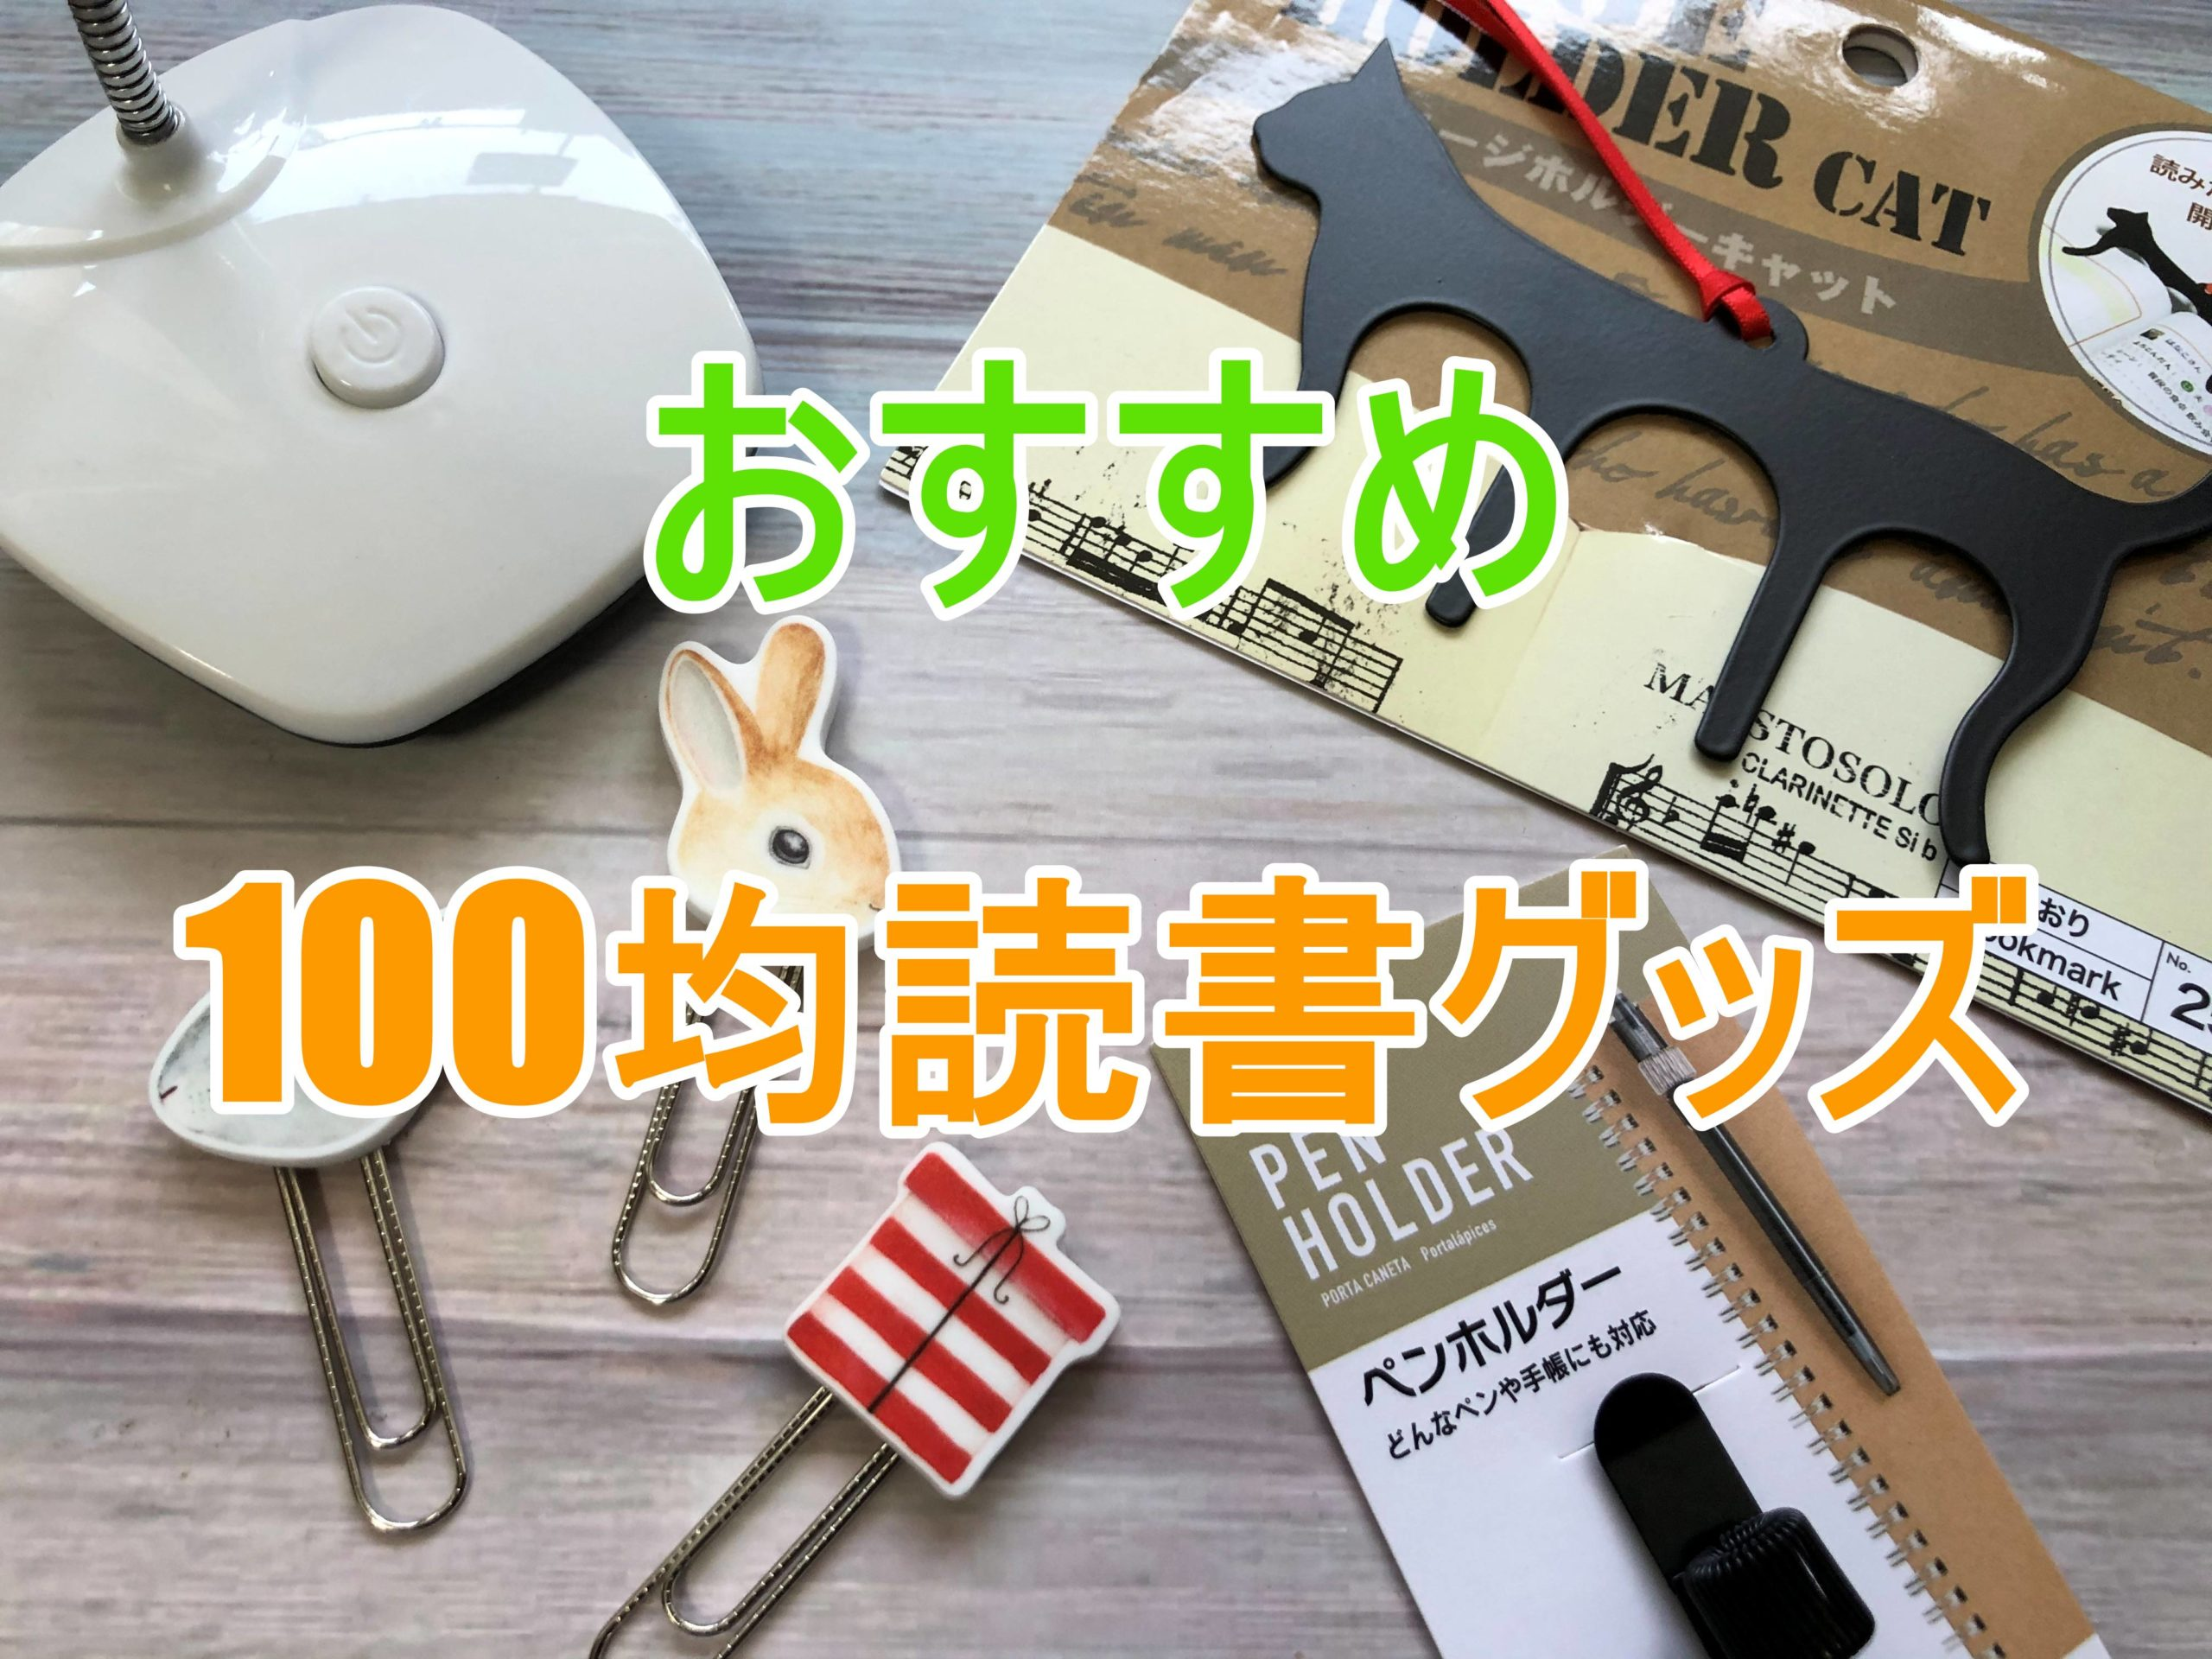 100円ショップ 読書グッズ